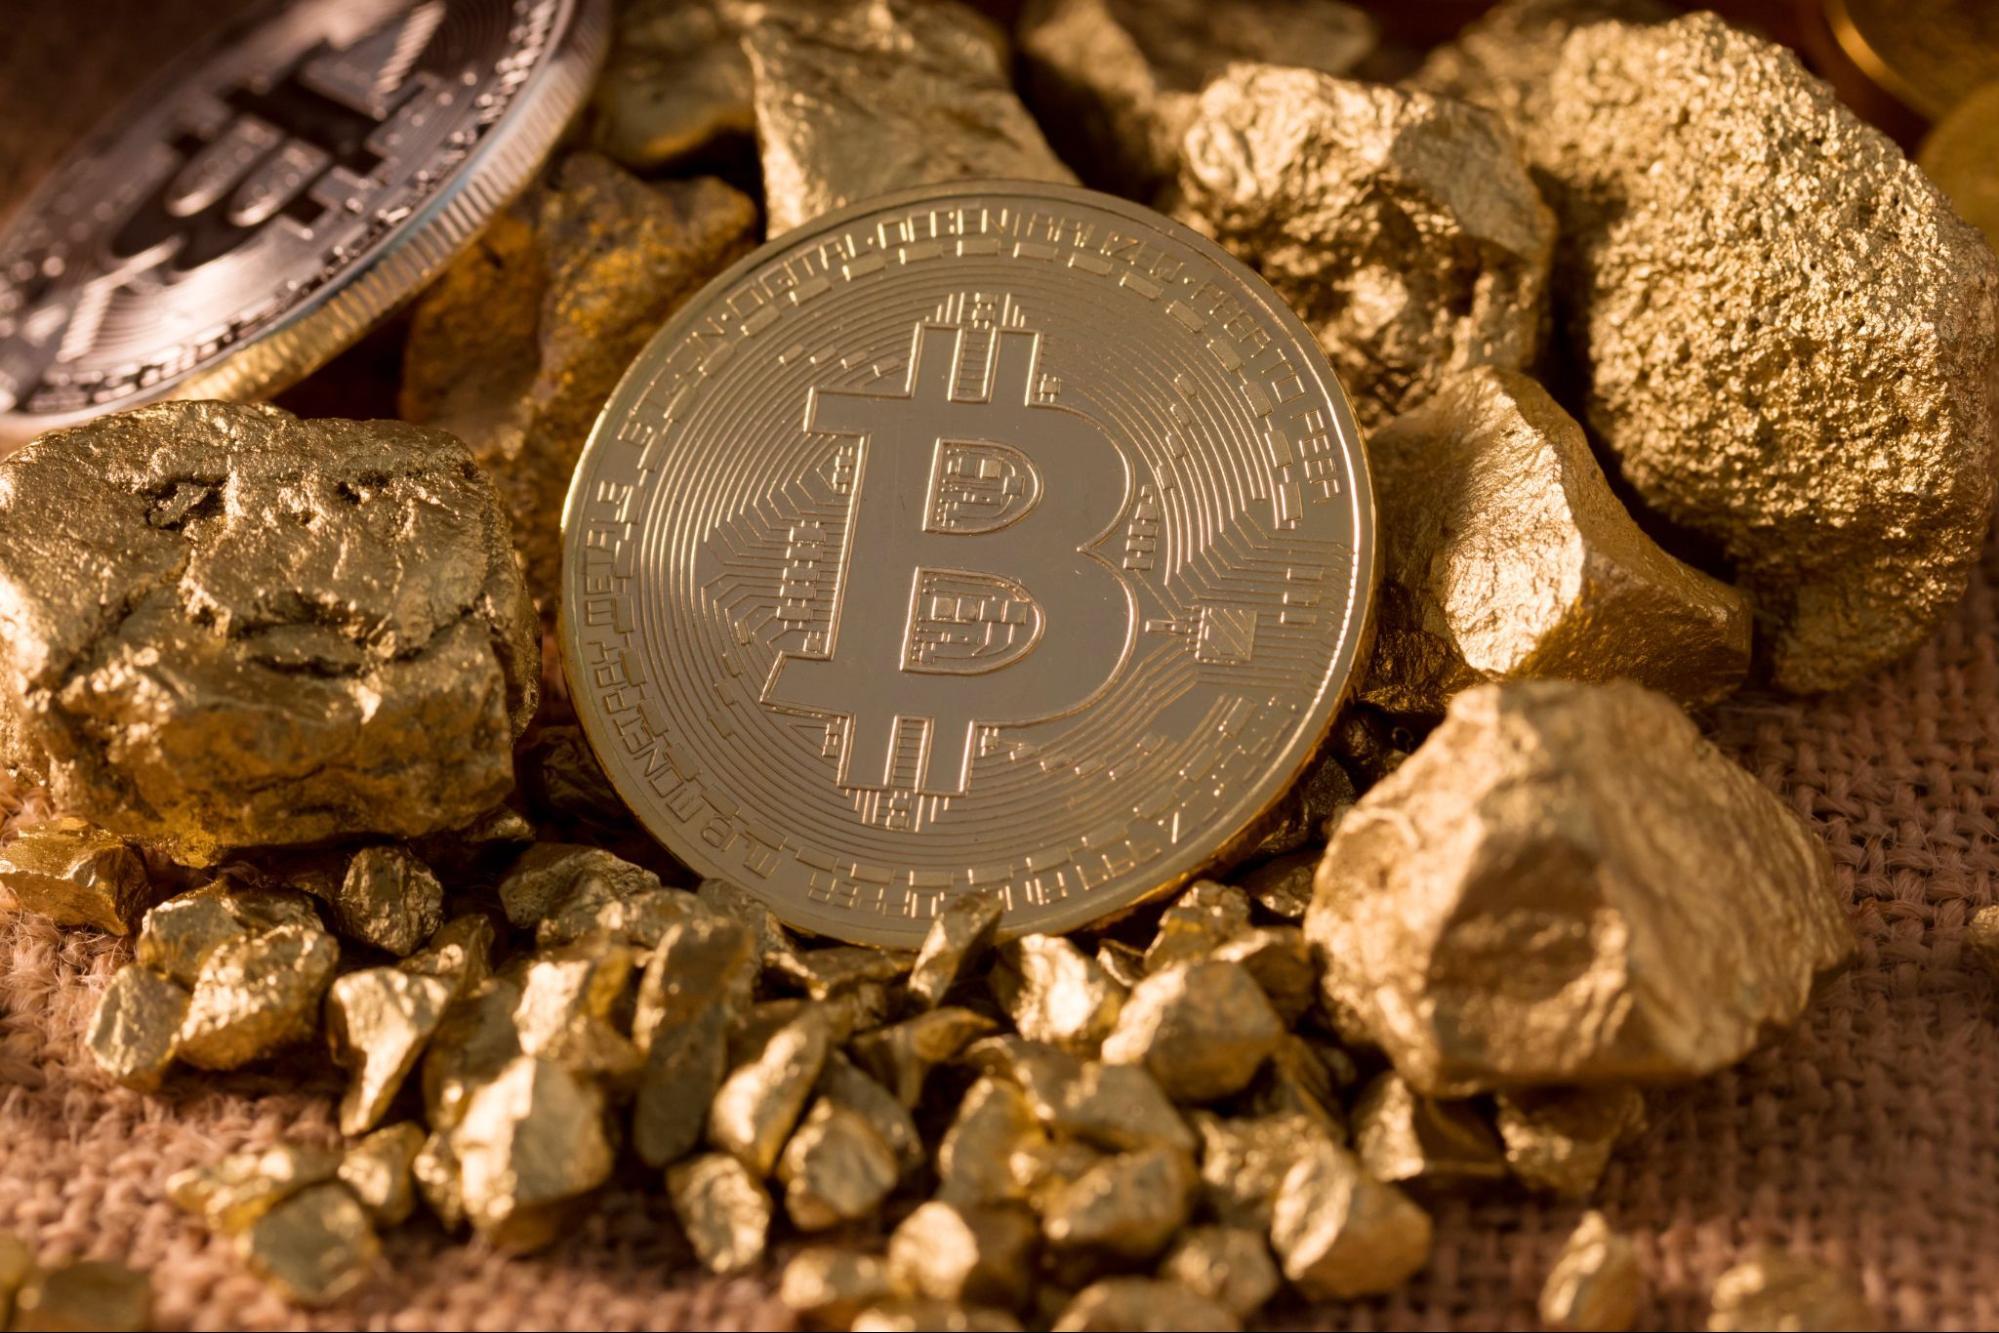 Os melhores sites para comprar o Bitcoin Gold depois que seu valor aumentou